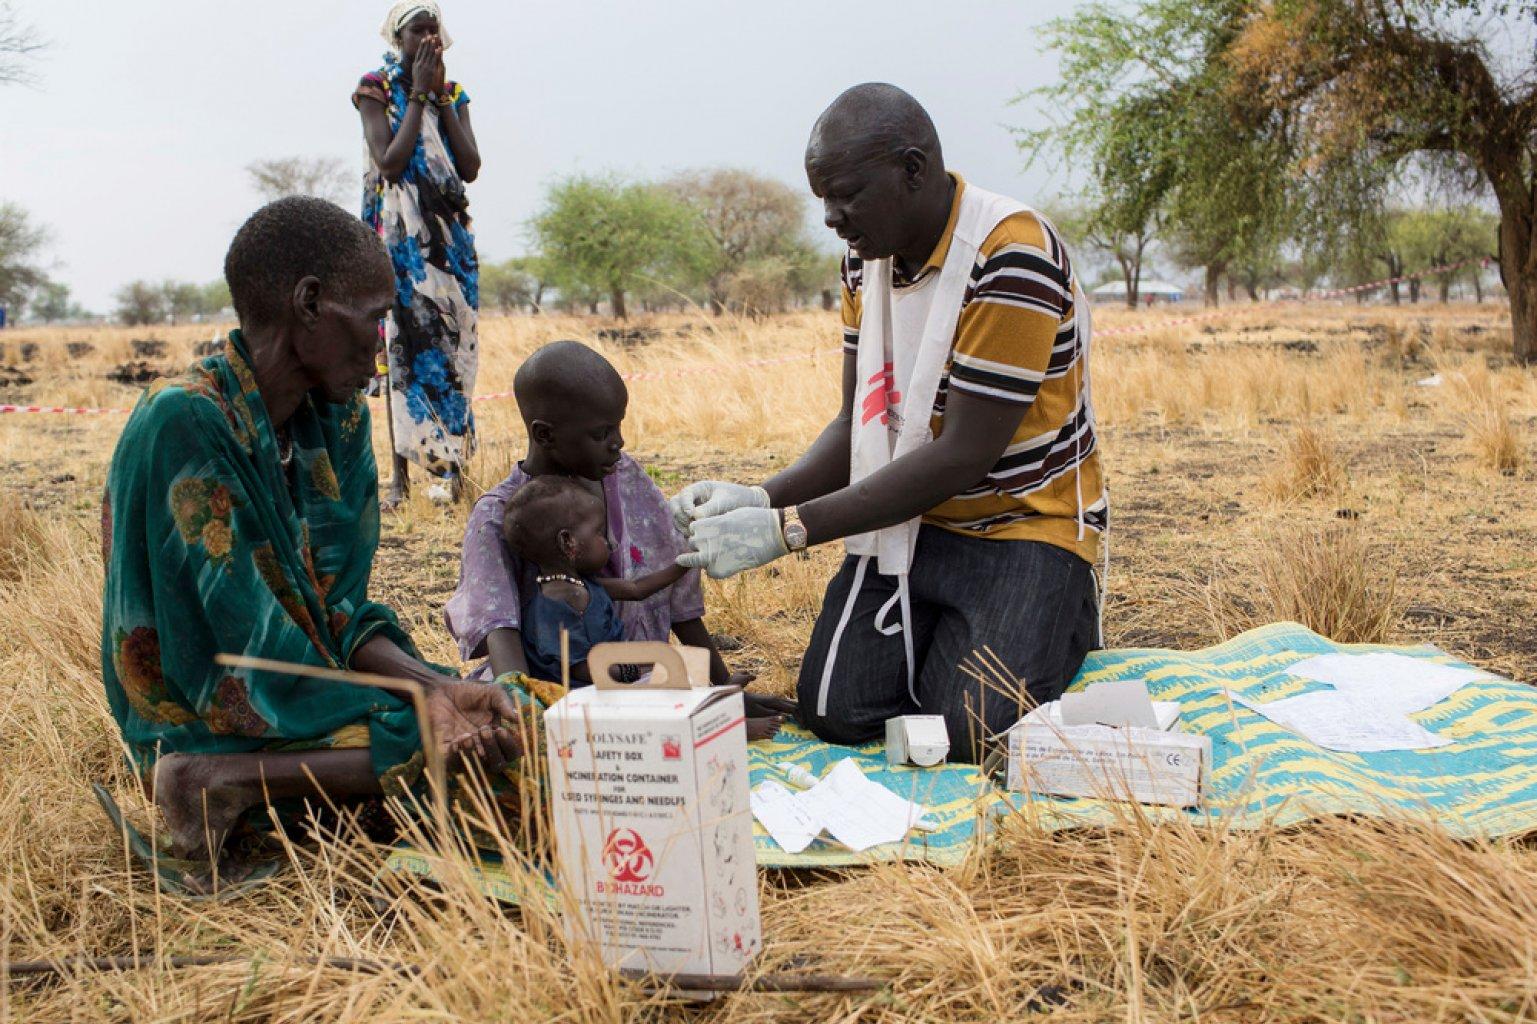 Výsledek obrázku pro Malárie je velice závažné tropické onemocnění